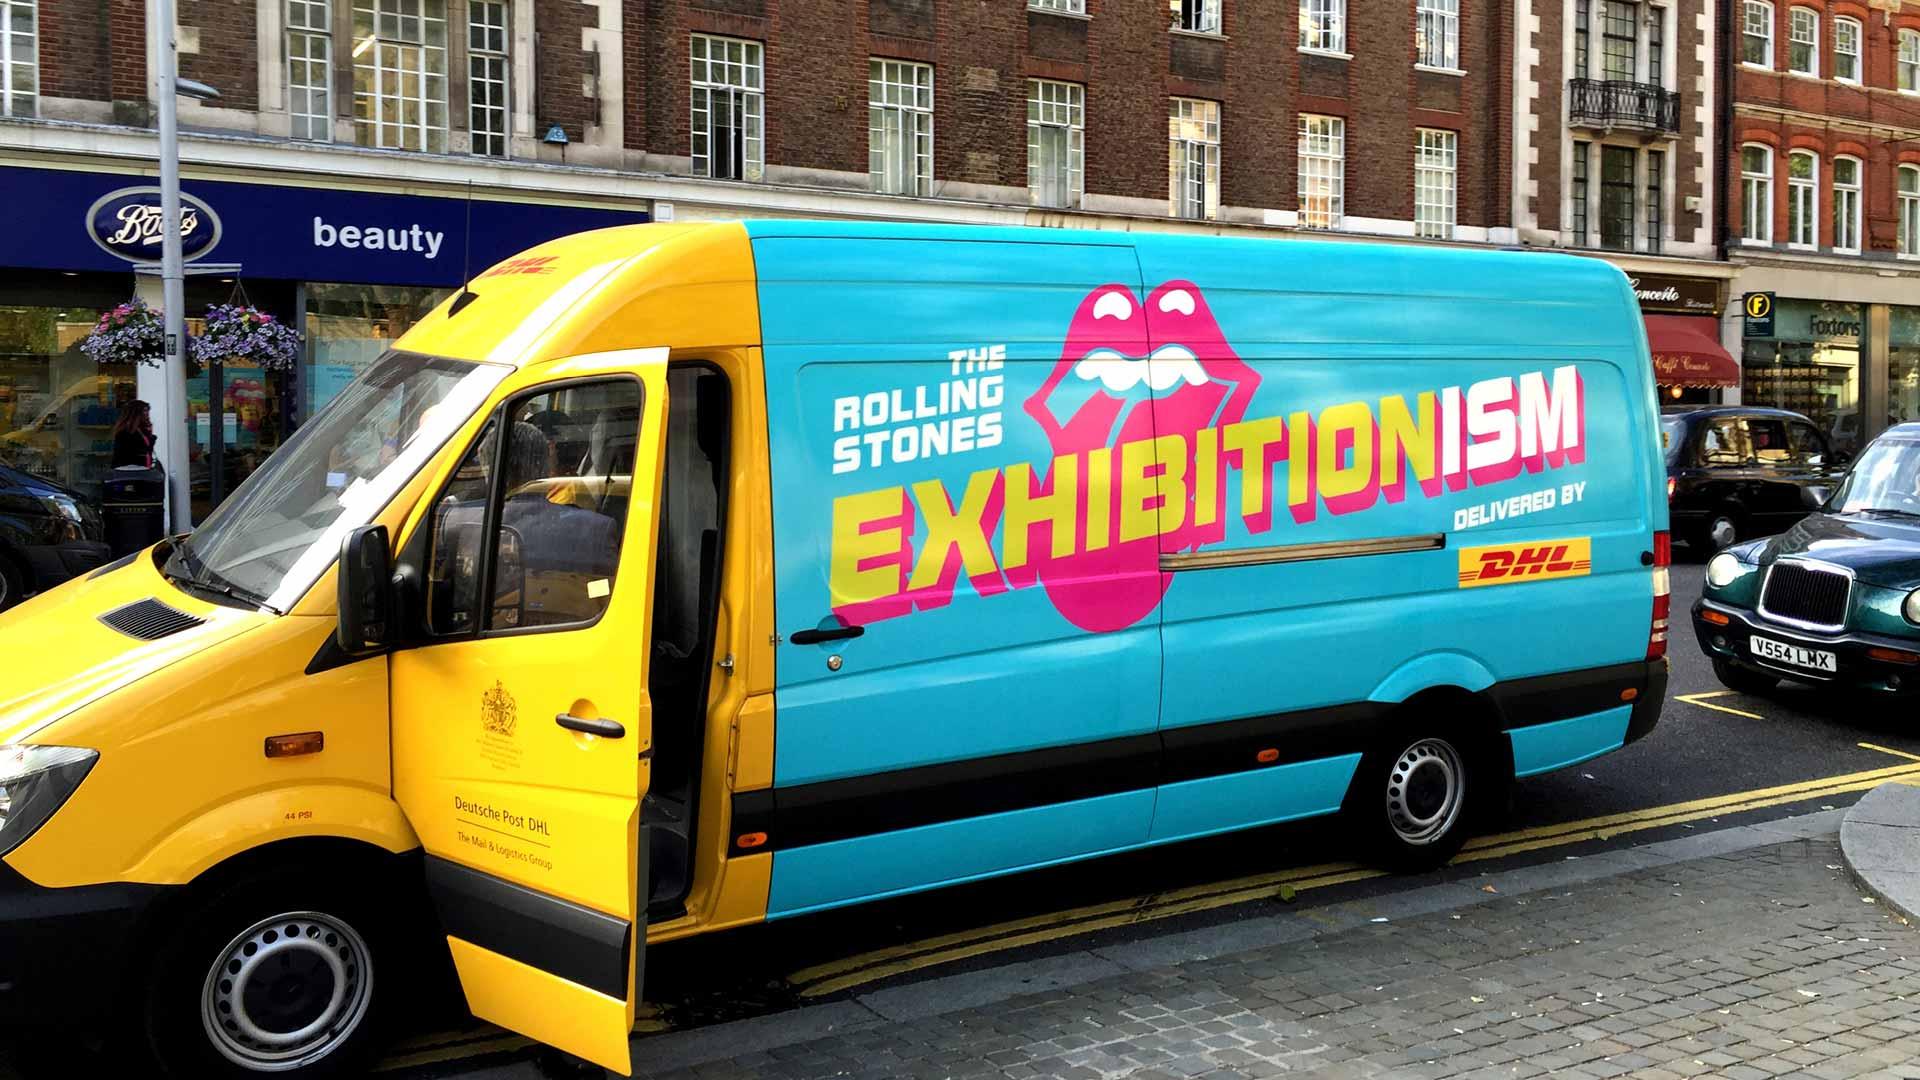 rolling stones exhibitionism identity sposnor co-branding